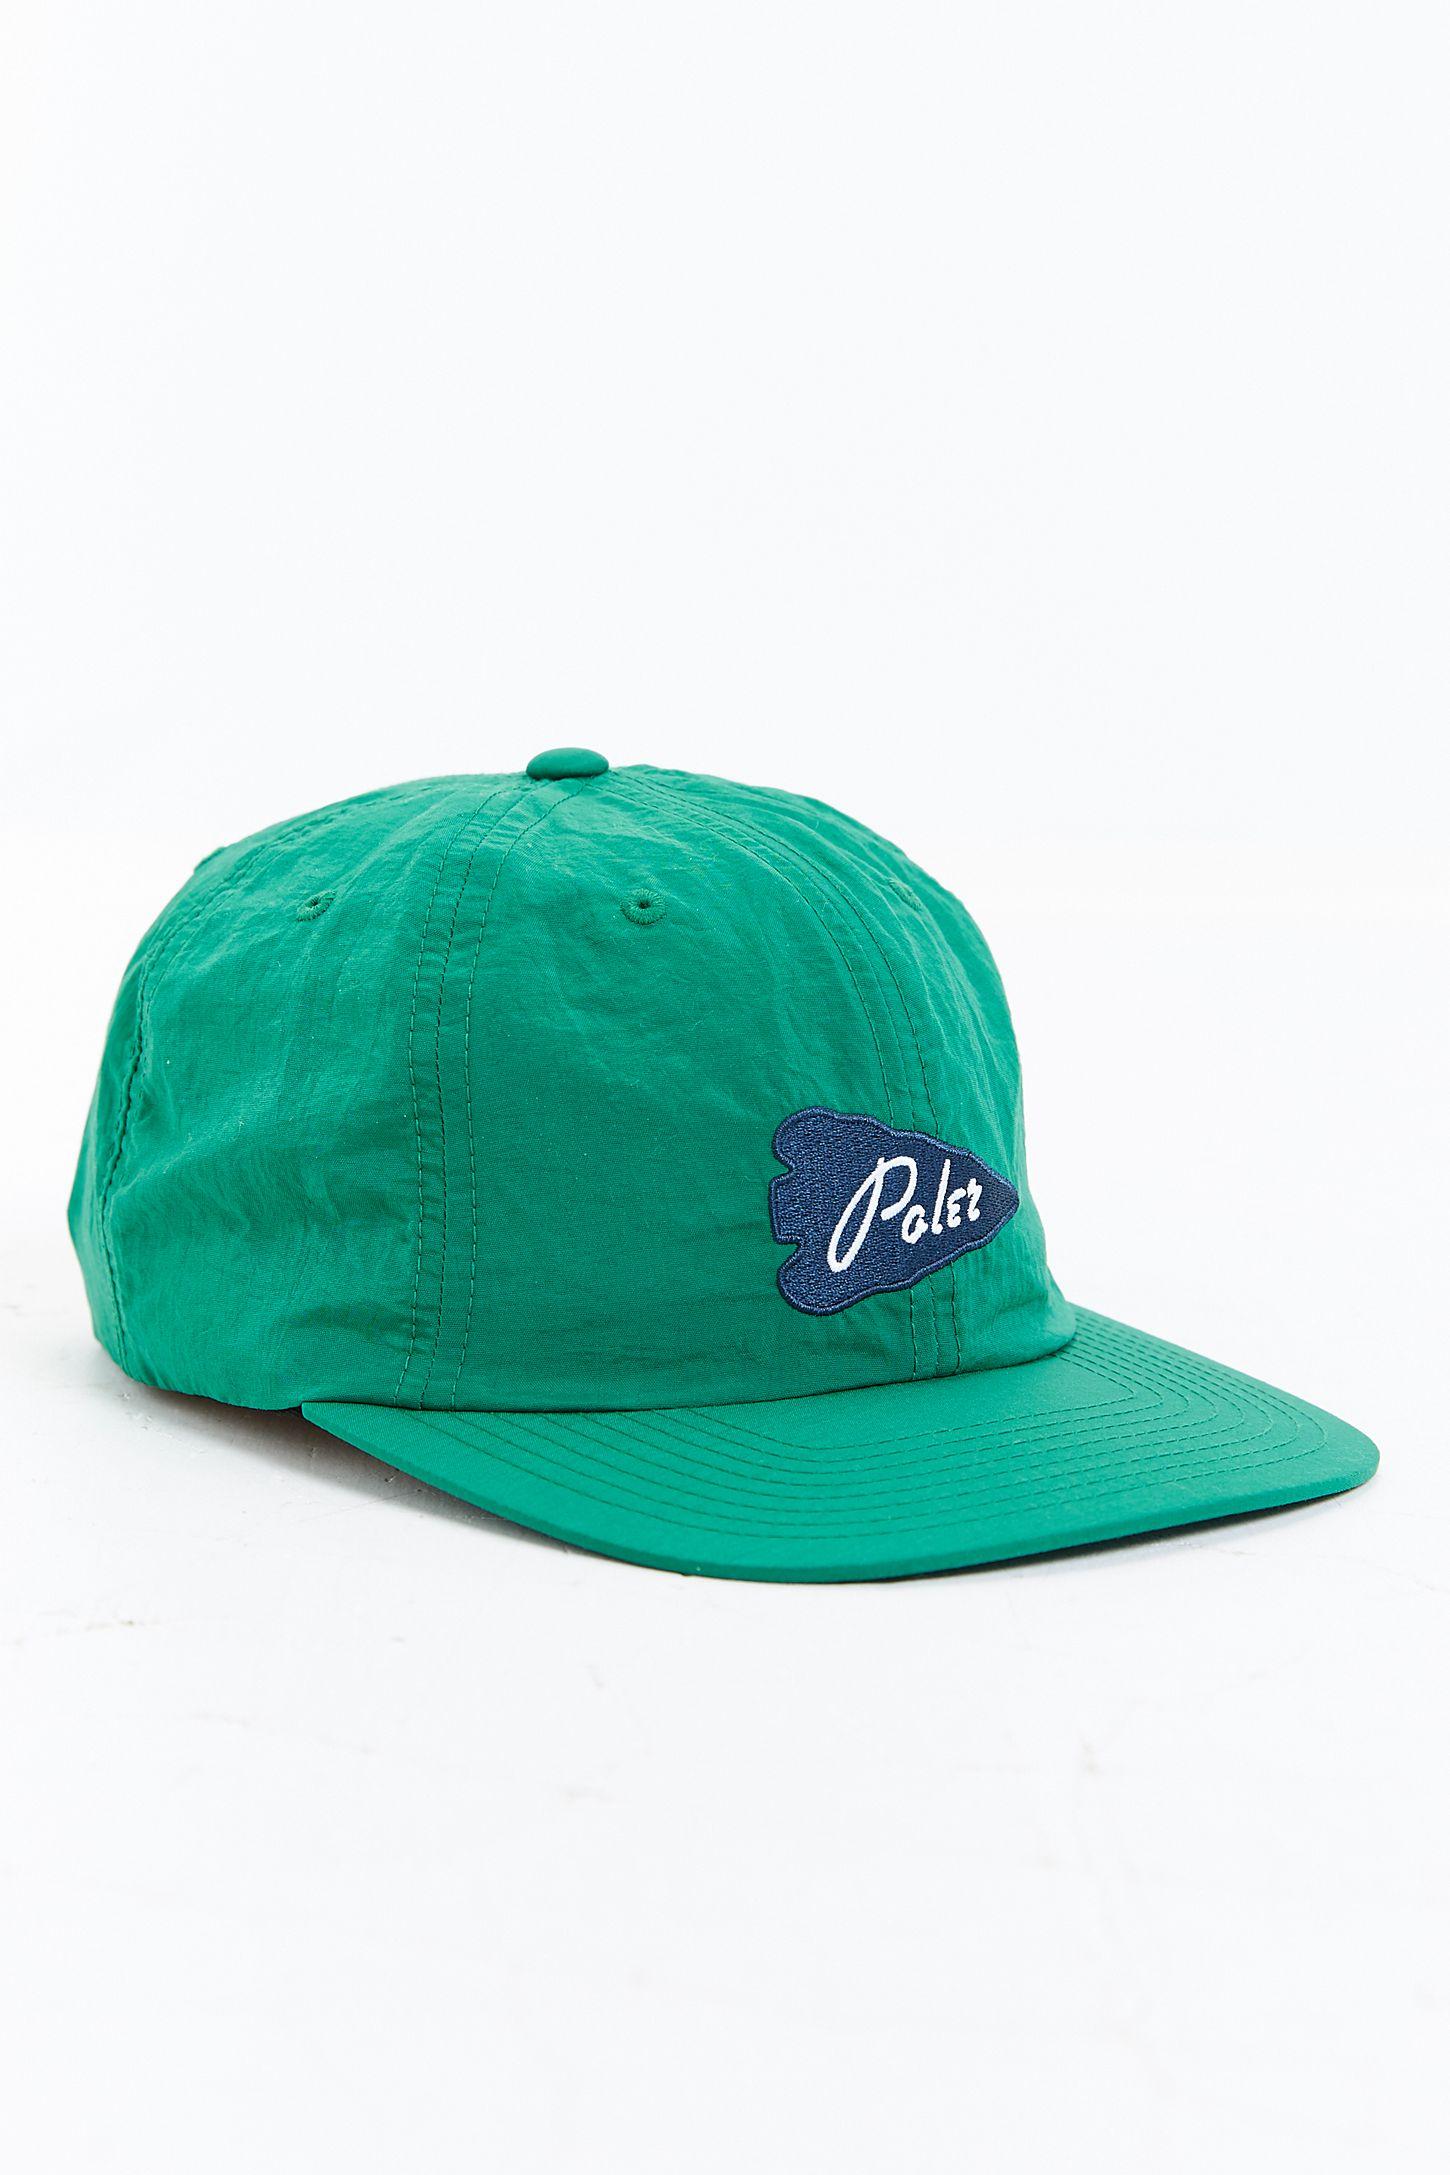 901638ba40e Poler Coastal Floppy Baseball Hat